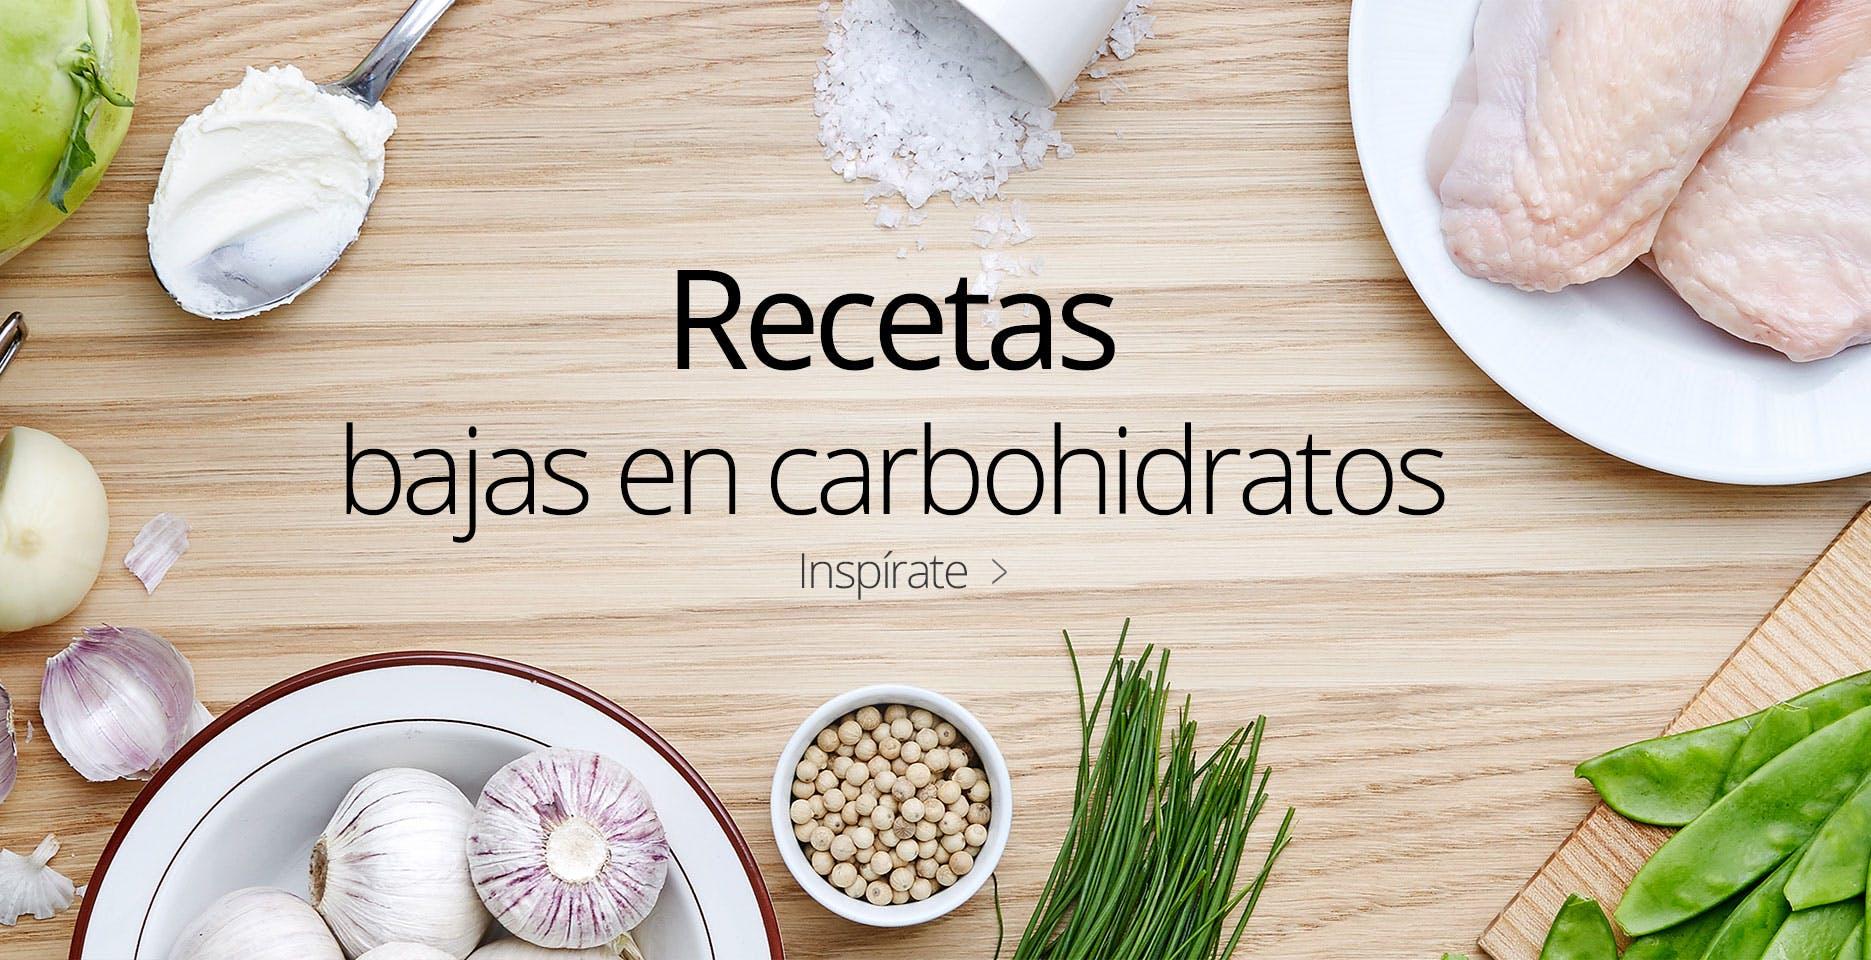 Recetas low carb y keto